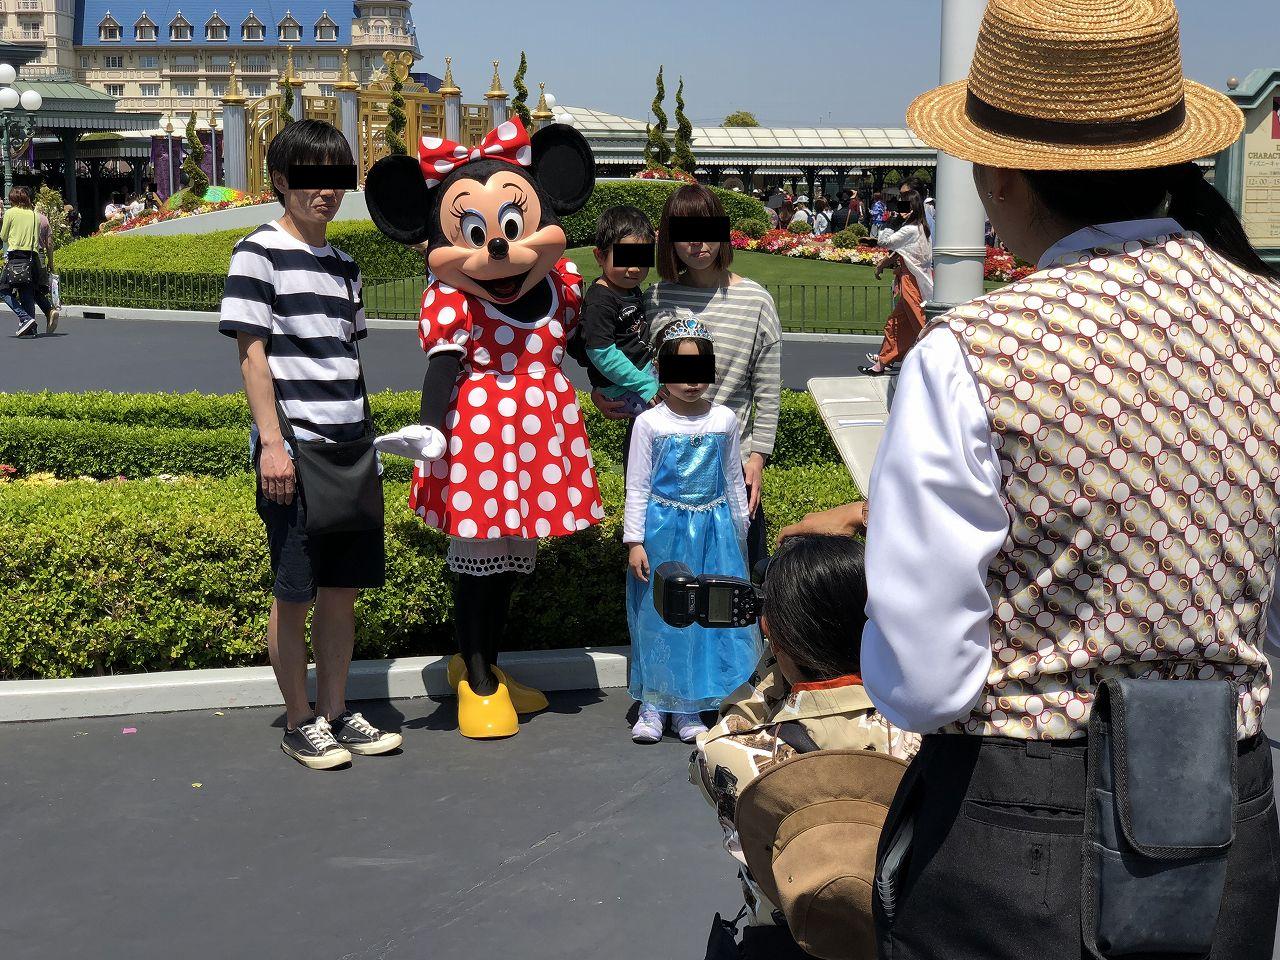 ミニーと家族で写真